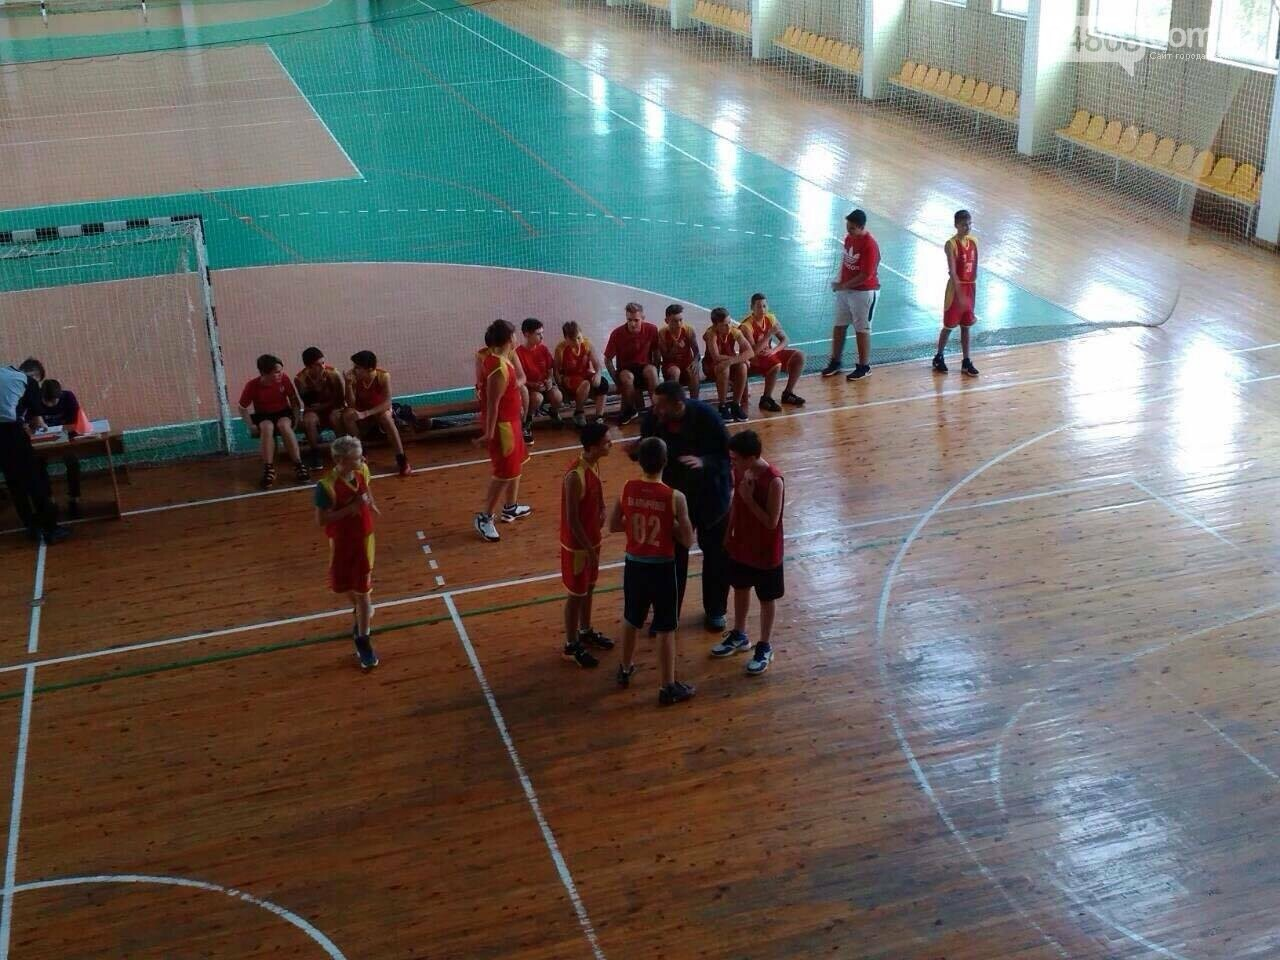 Стартовал ежегодный турнир по баскетболу Черноморская детская лига, фото-6